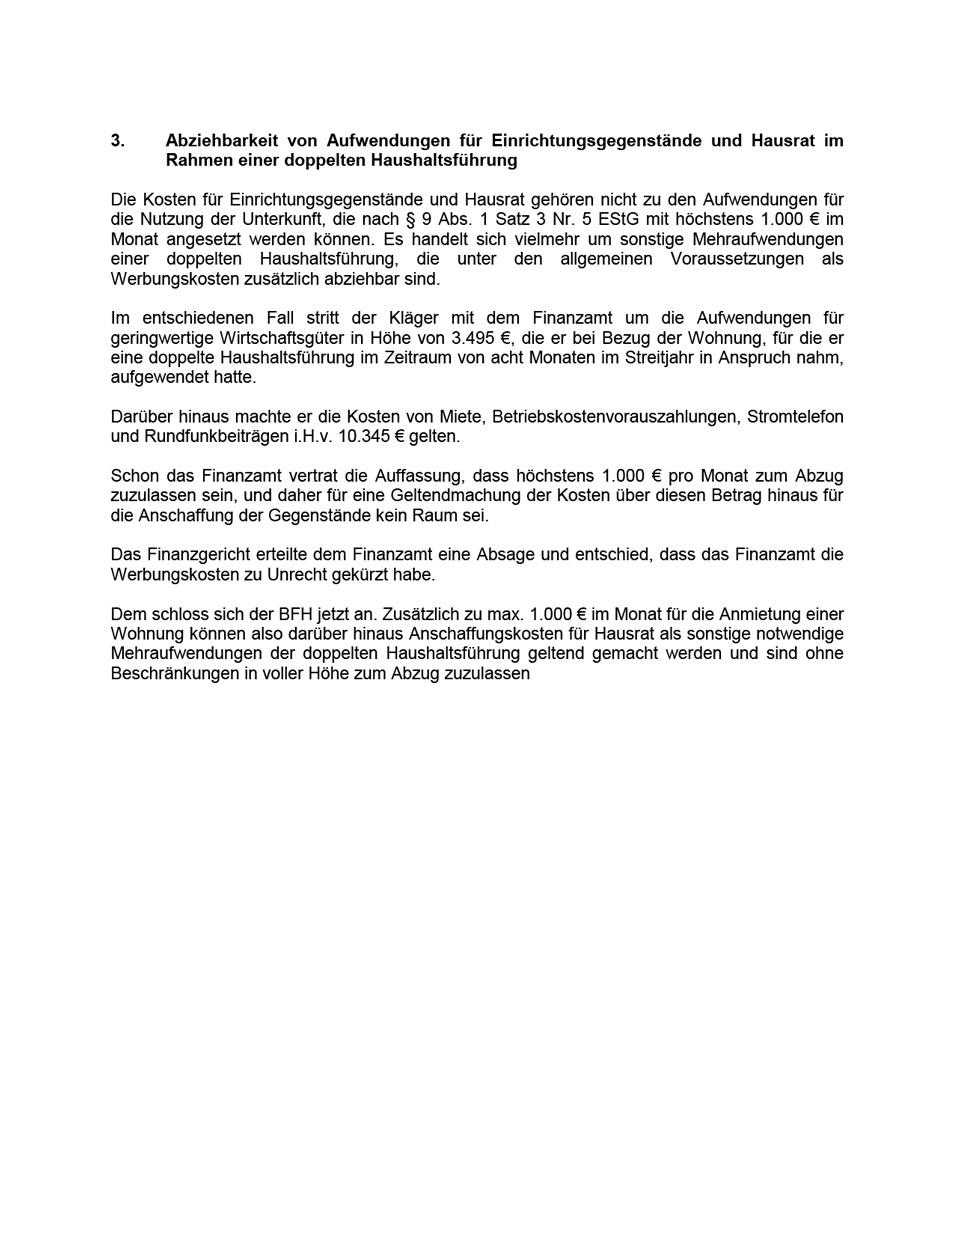 Steuertipps 2020 08 #1 Weitkamp Hirsch Steuerberatungsgesellschaft mbH